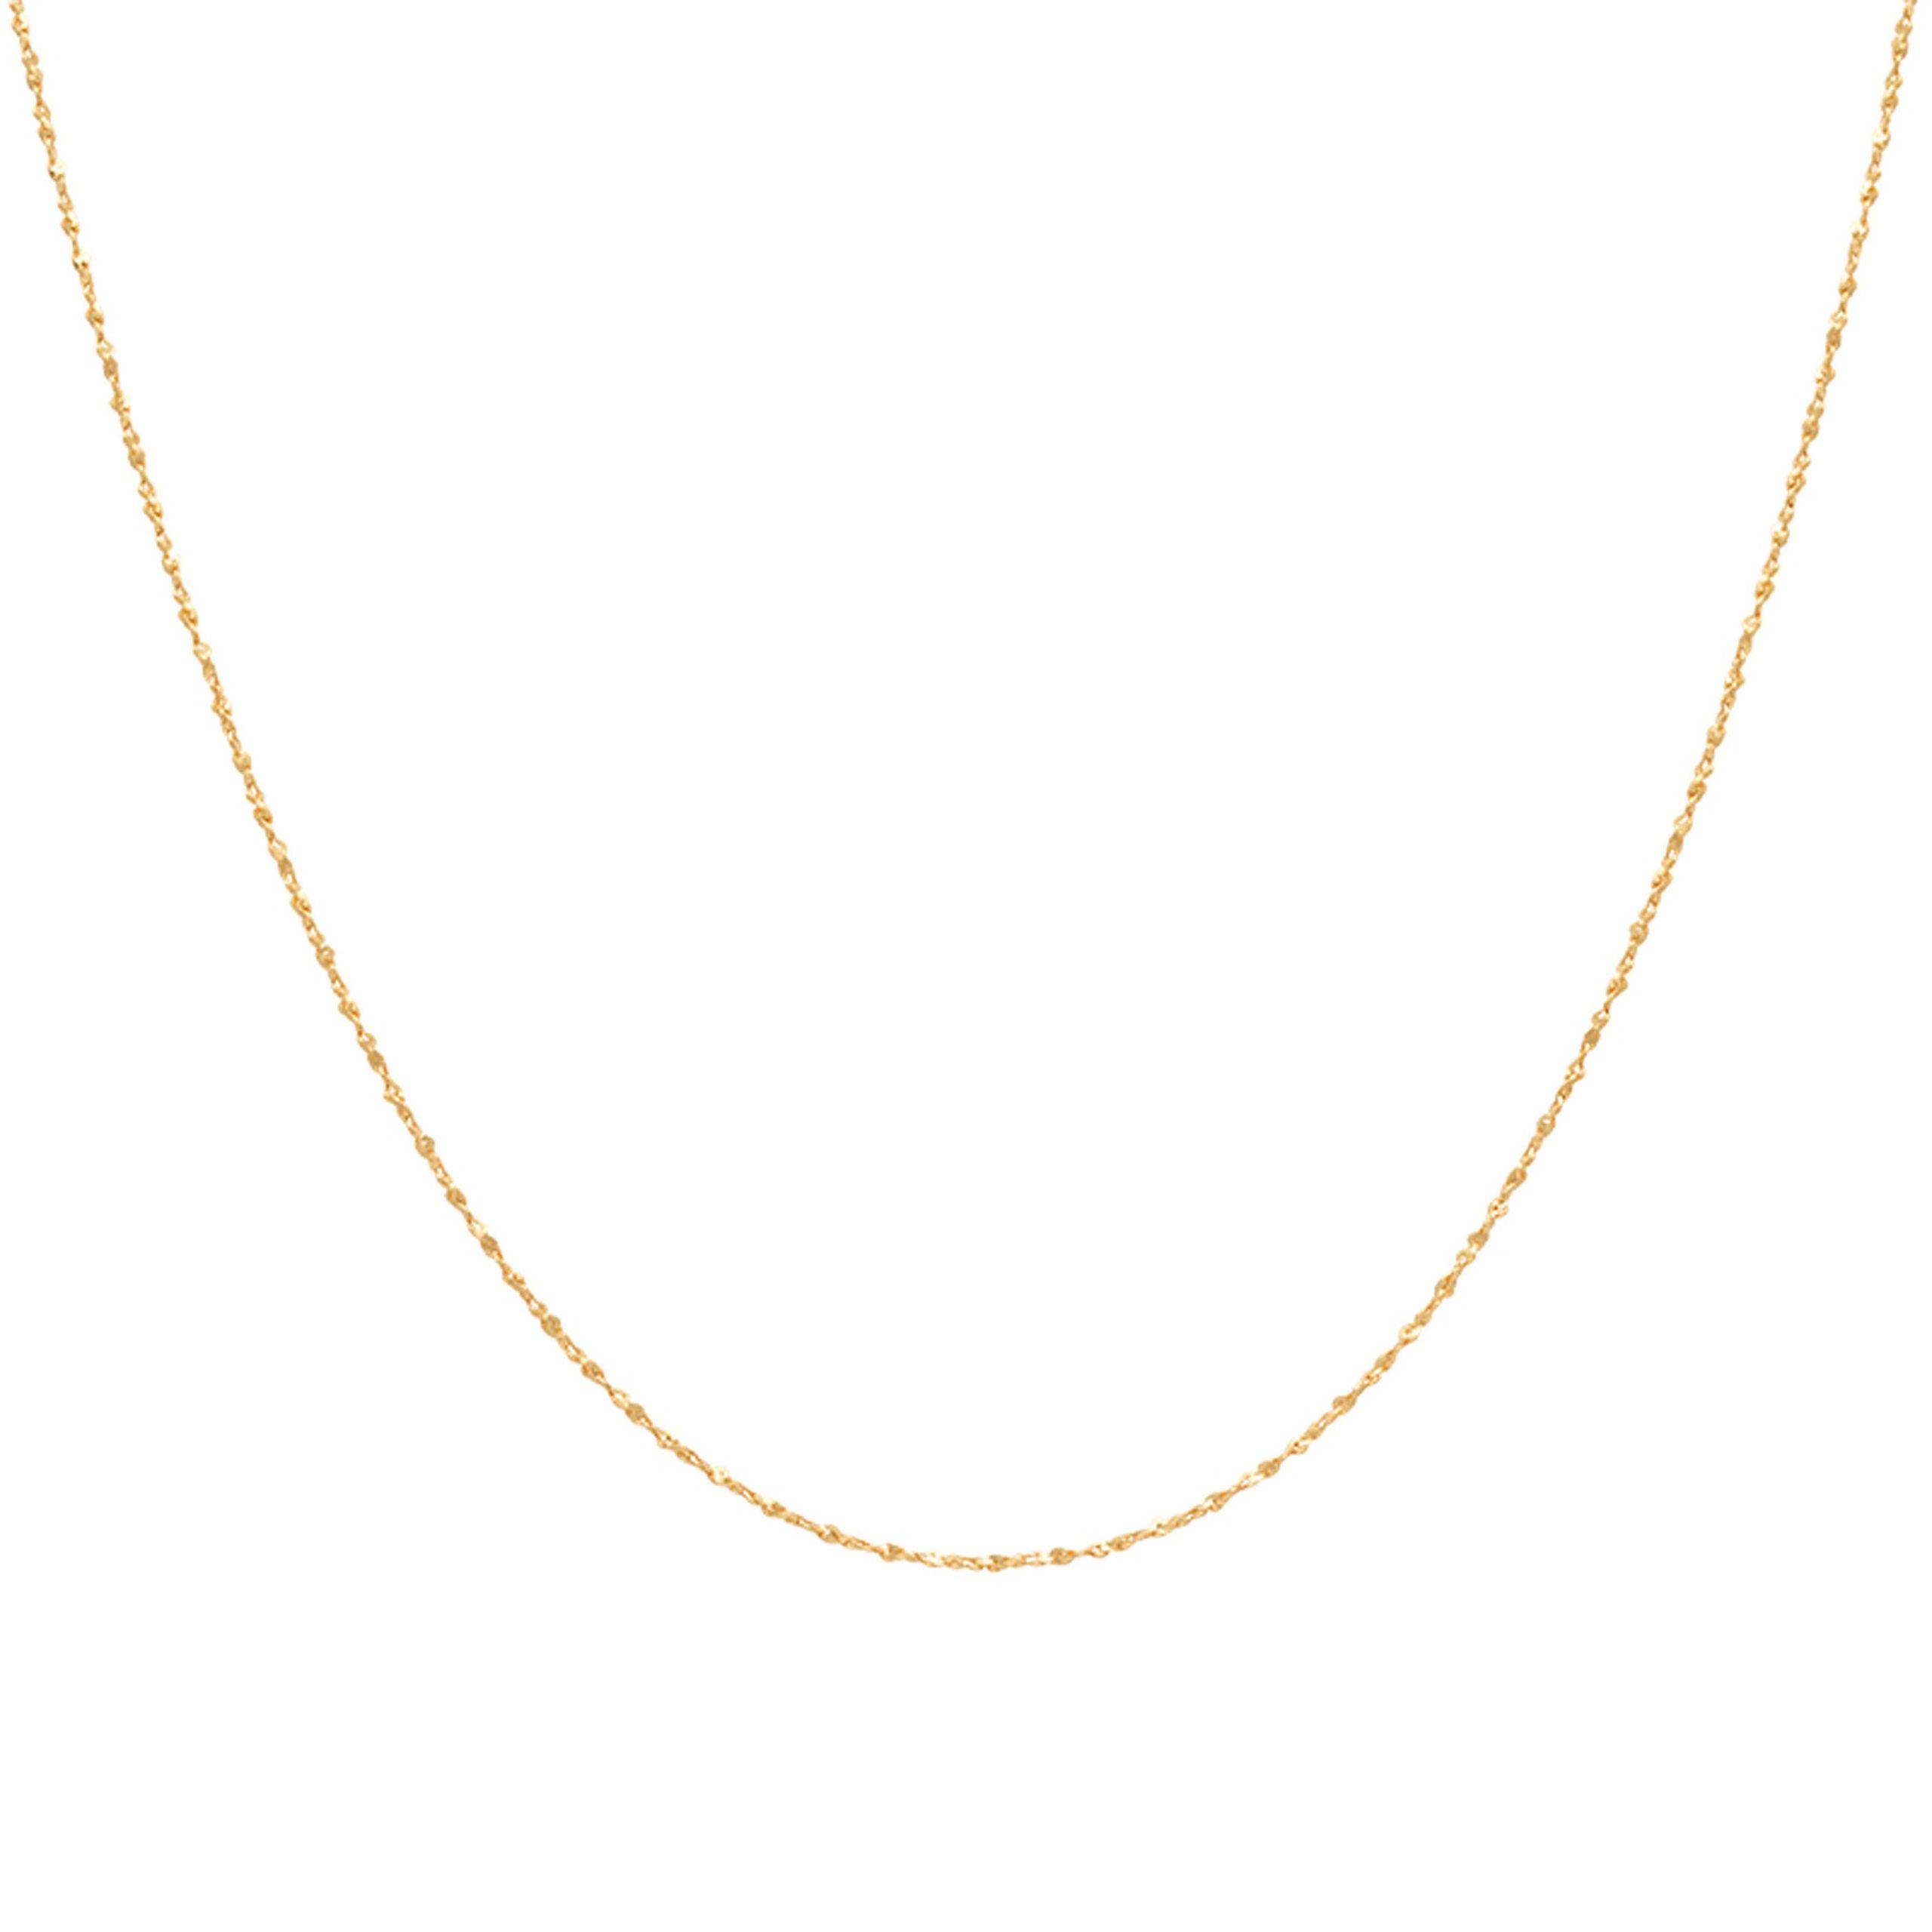 FINE TWIST SHORT CHAIN GOLD